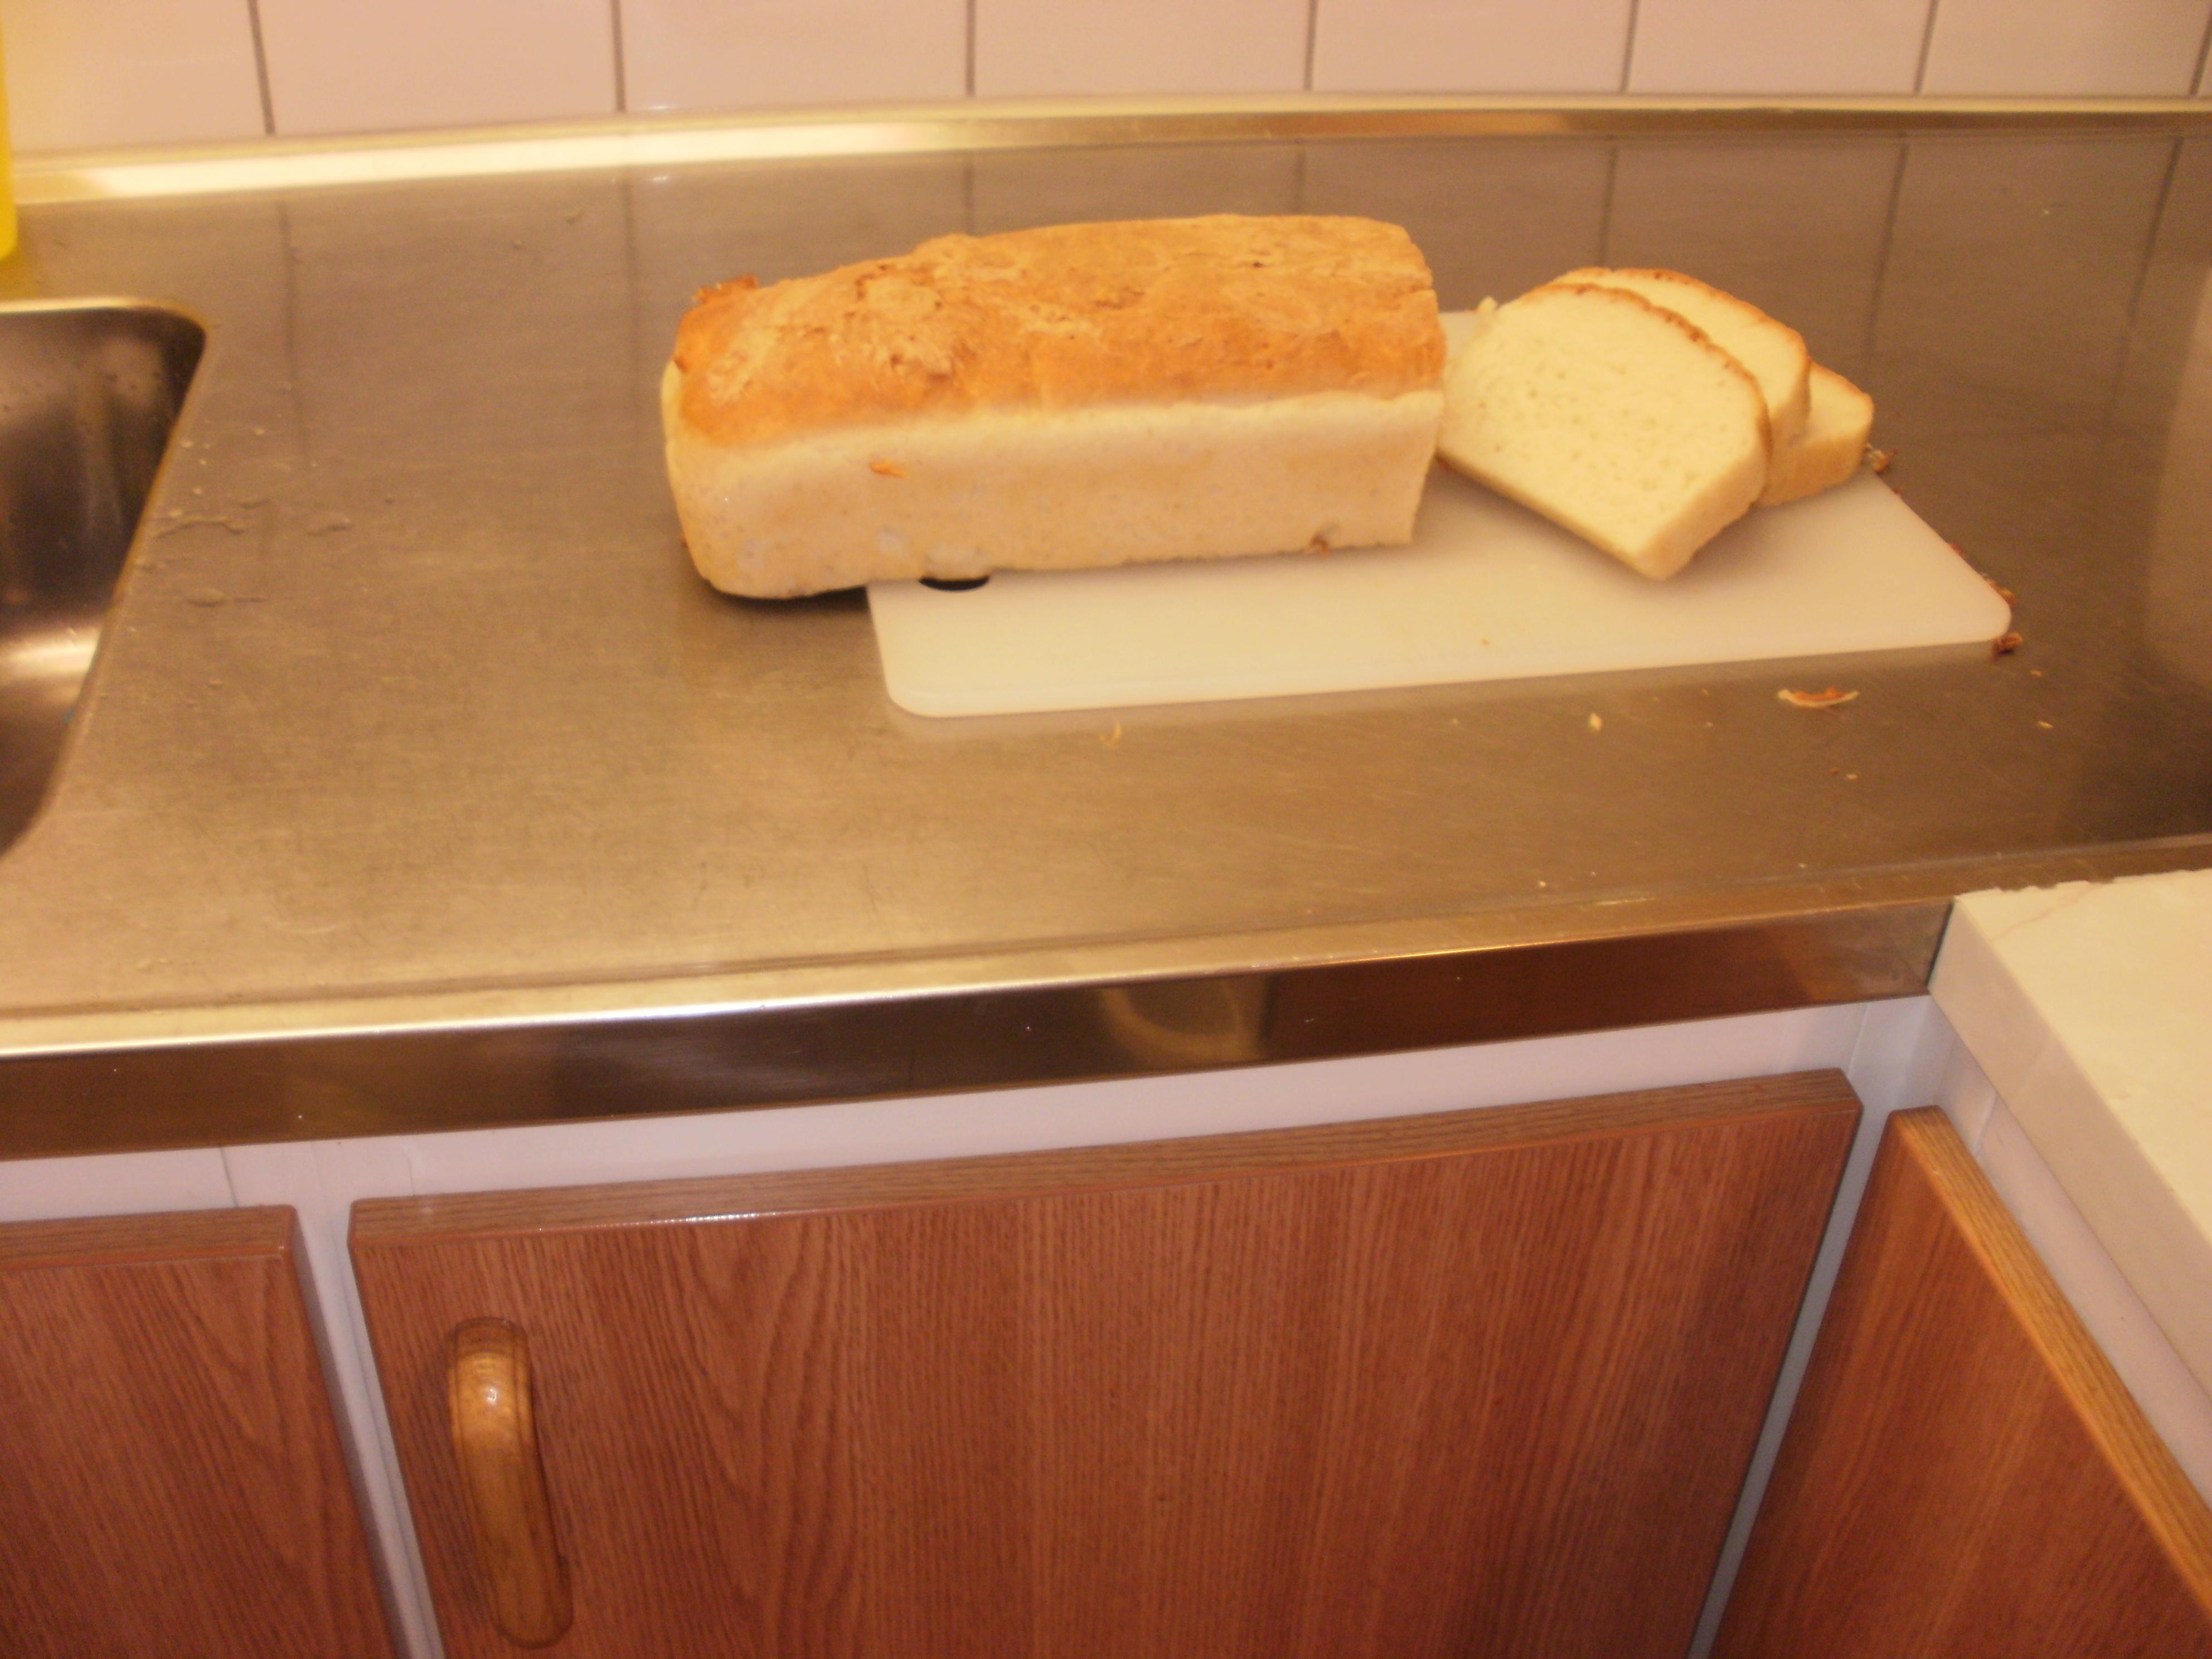 gluten laktosfritt bröd